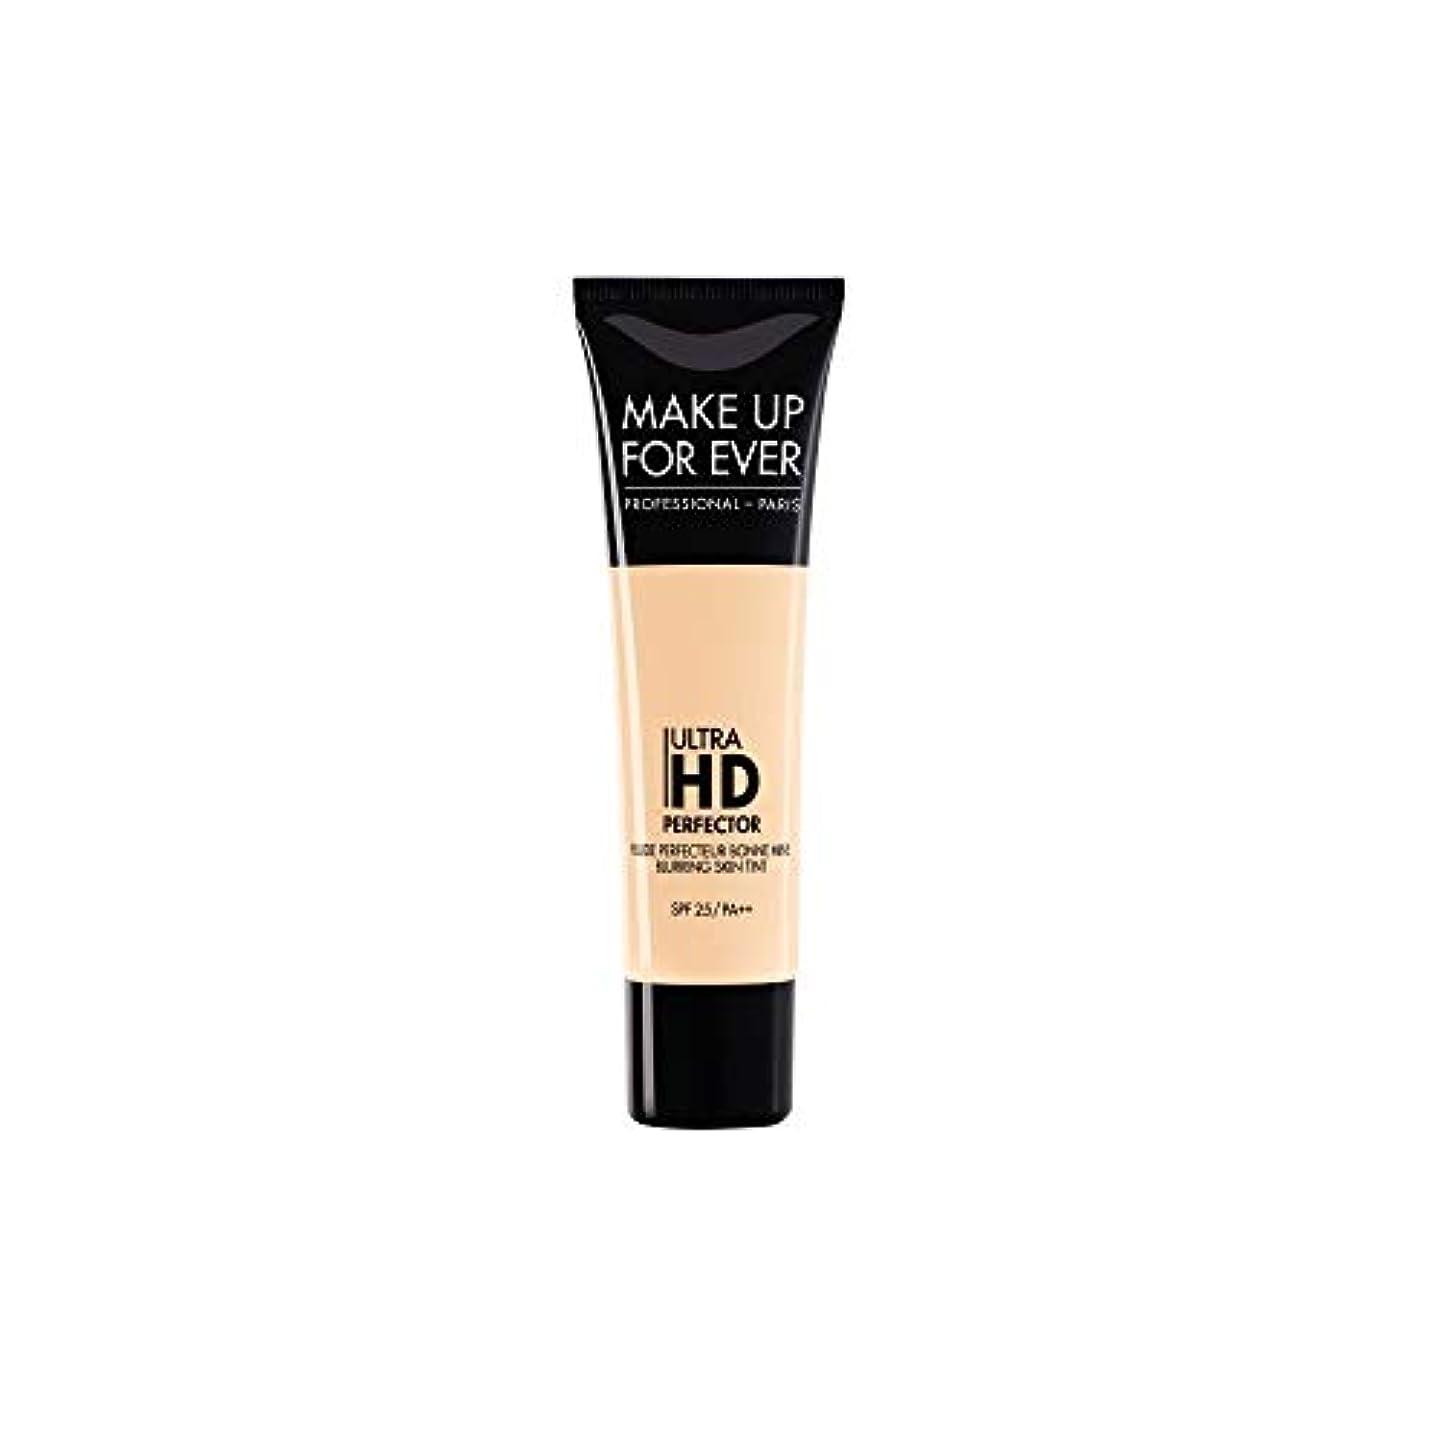 の配列レッスン聖職者メイクアップフォーエバー Ultra HD Perfector Blurring Skin Tint SPF25 - # 01 Vanilla 30ml/1.01oz並行輸入品